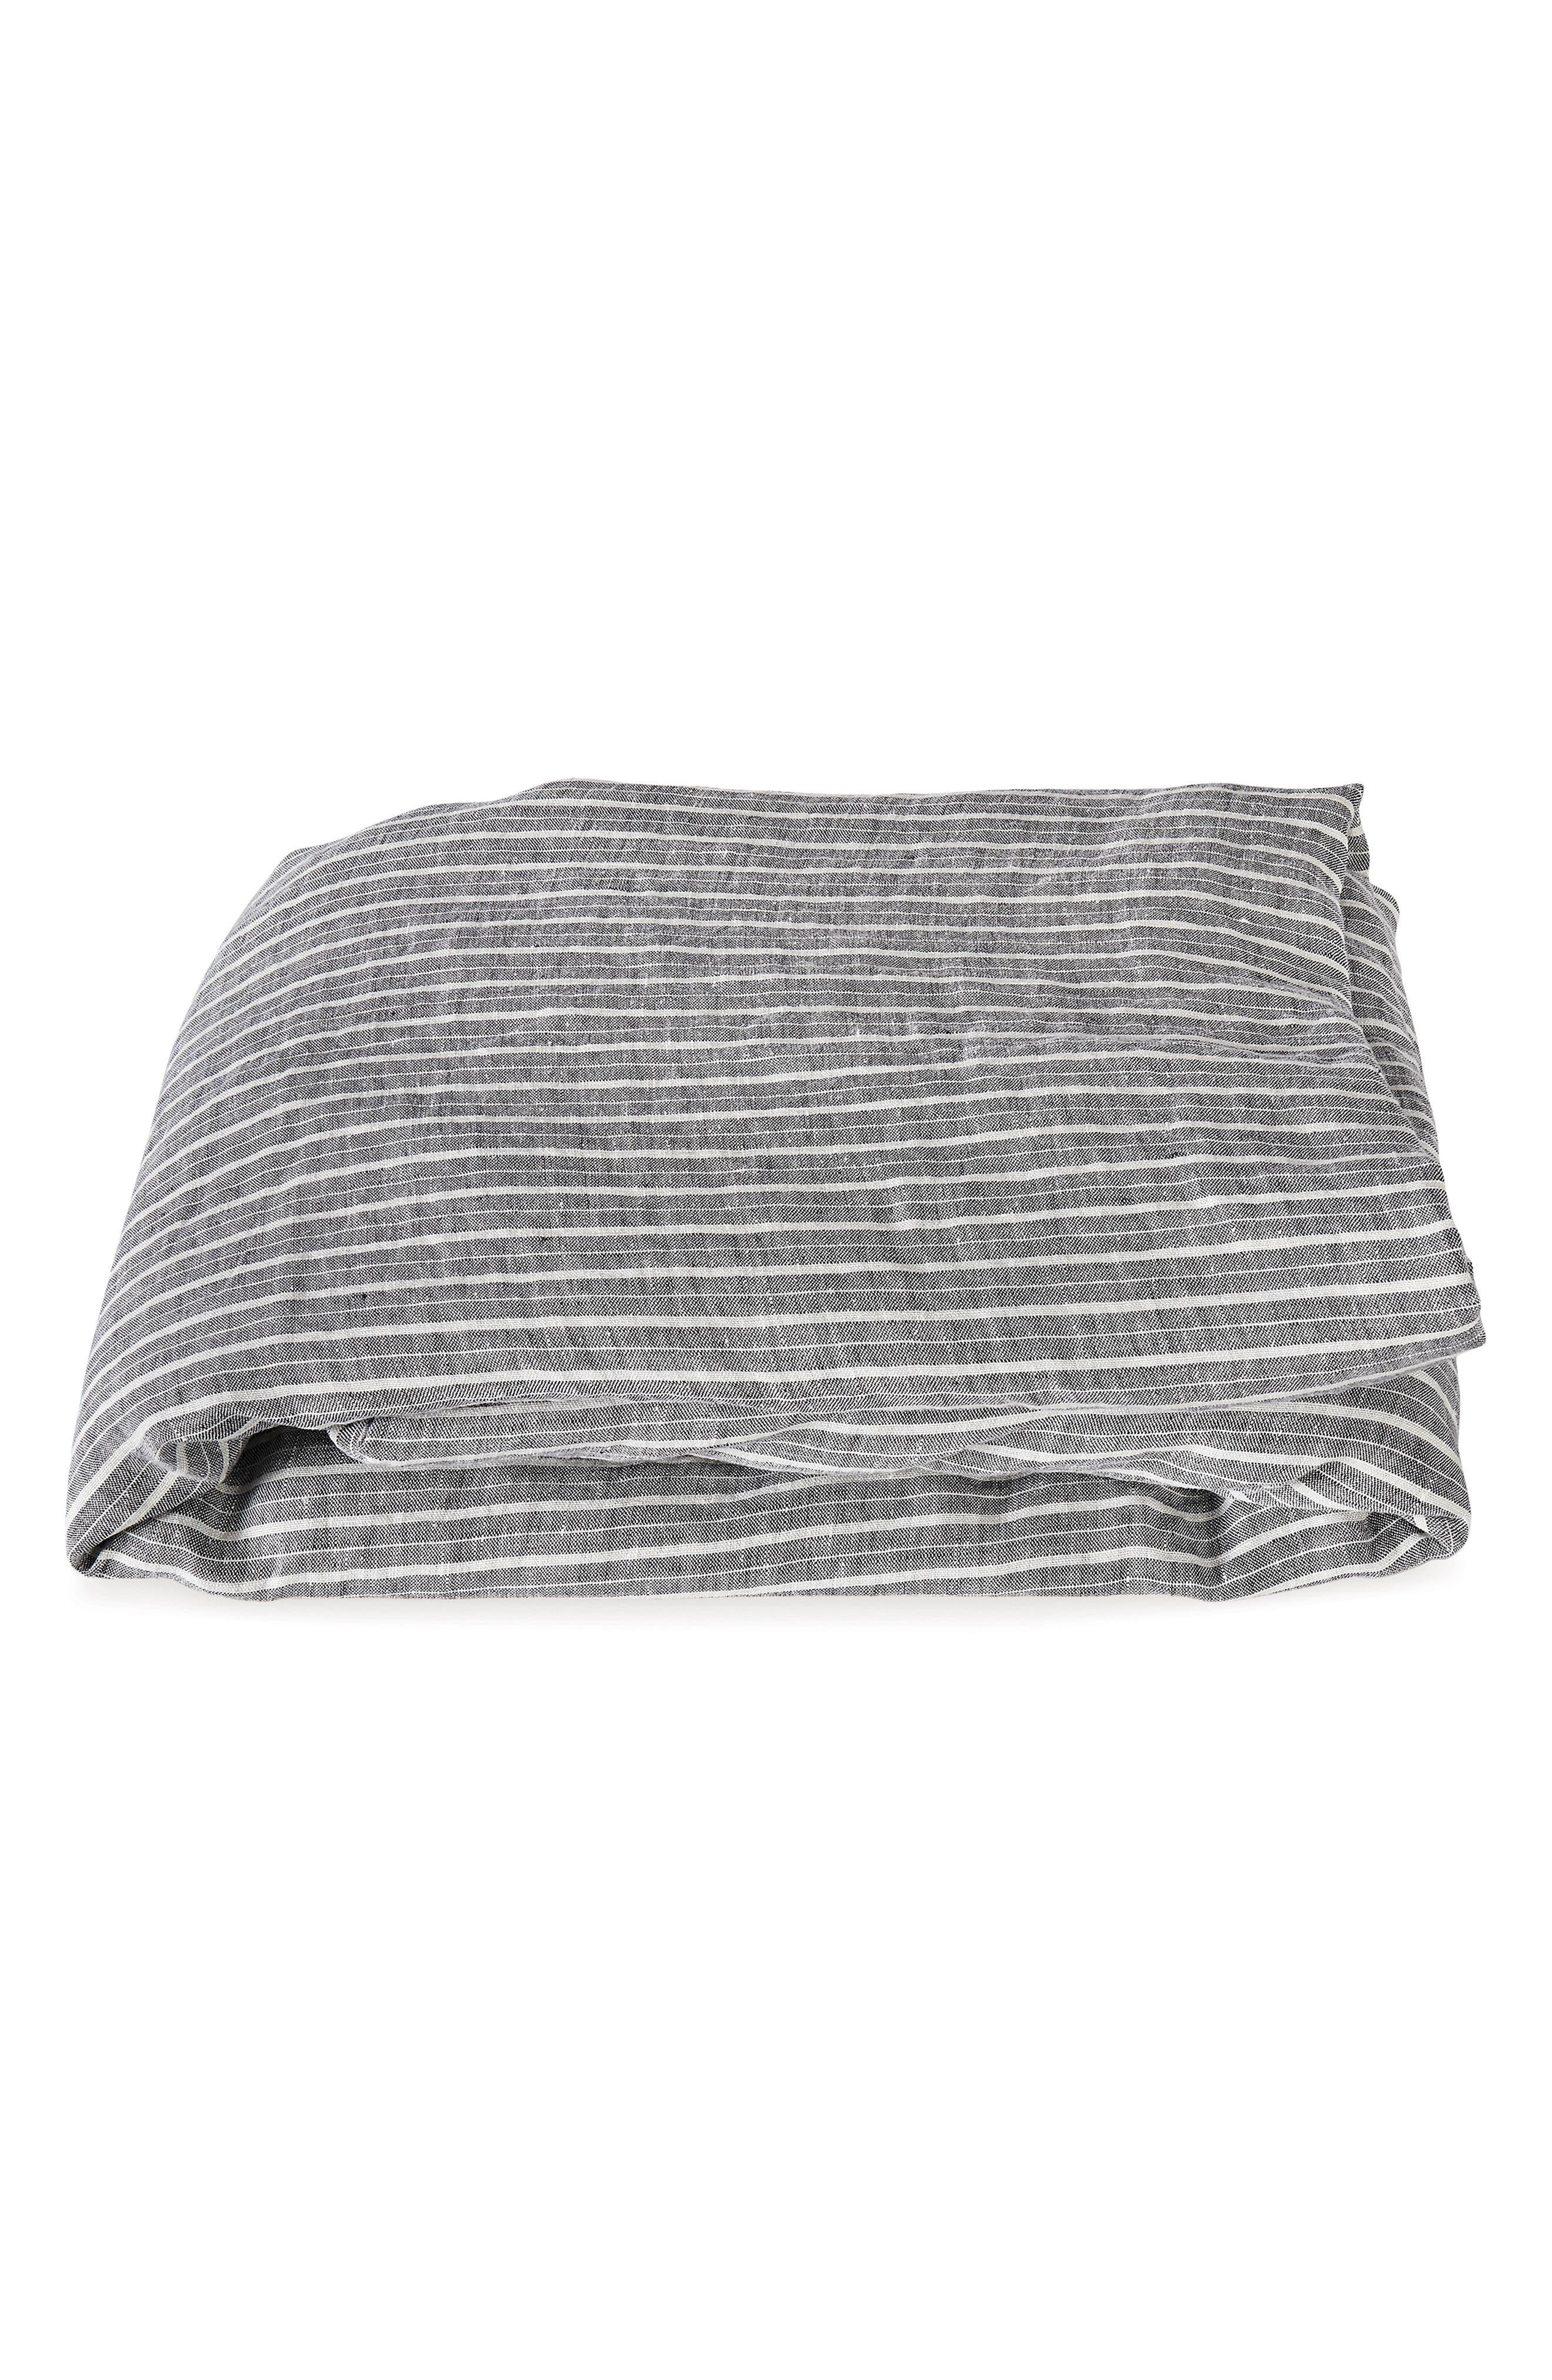 Matouk Tristen Linen Fitted Sheet Size Queen  Grey